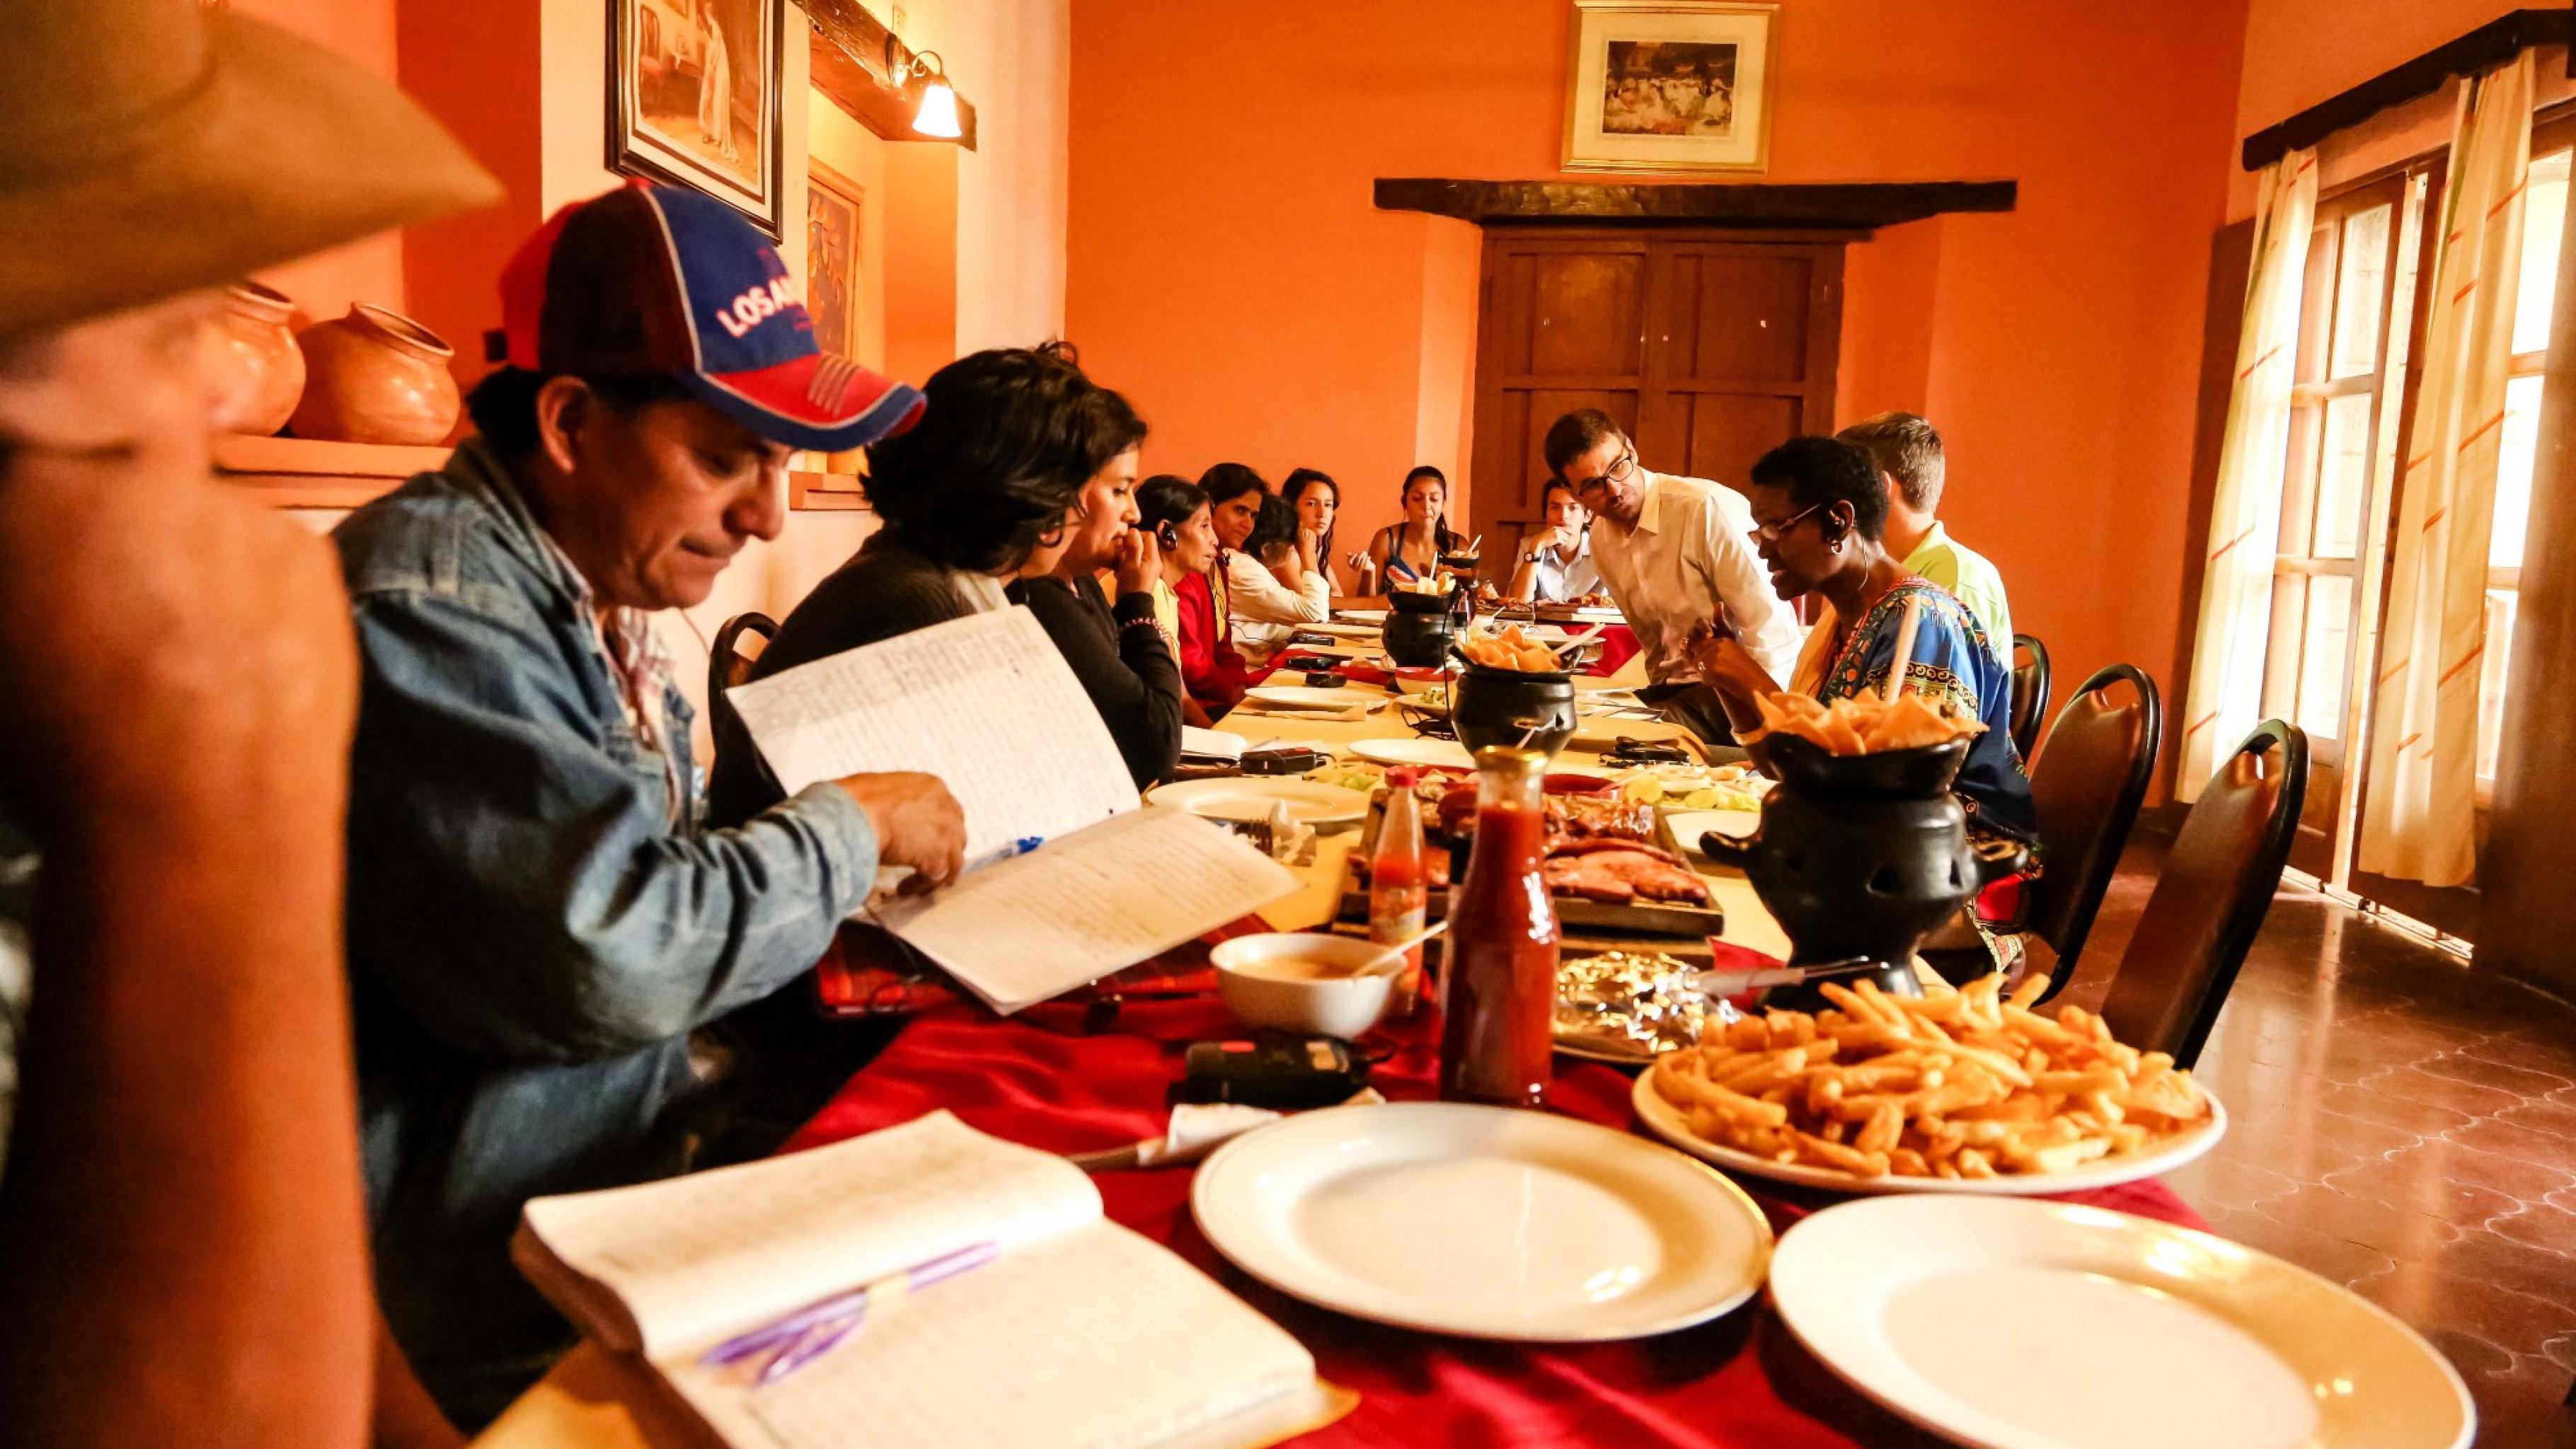 Frauen und Männer sitzen mit Notizbüchern in einem Restaurant und beraten sich.